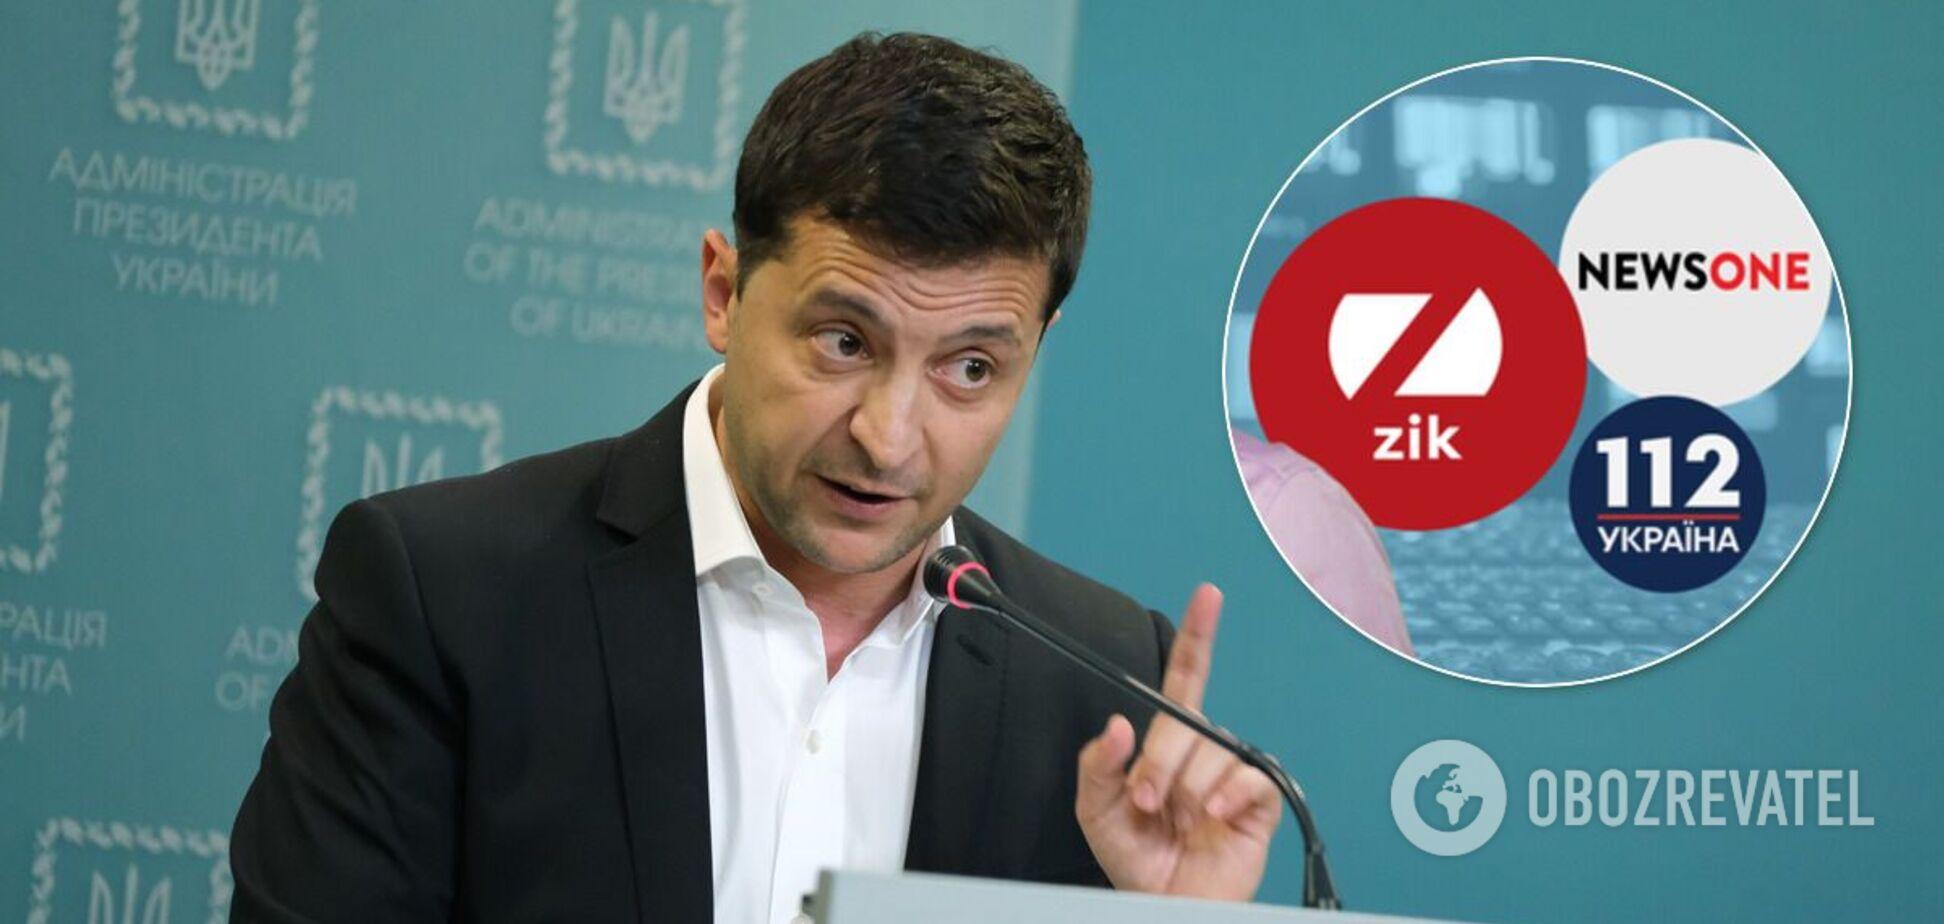 Зеленський – про санкції: Україна не підтримує пропаганду, фінансовану агресором